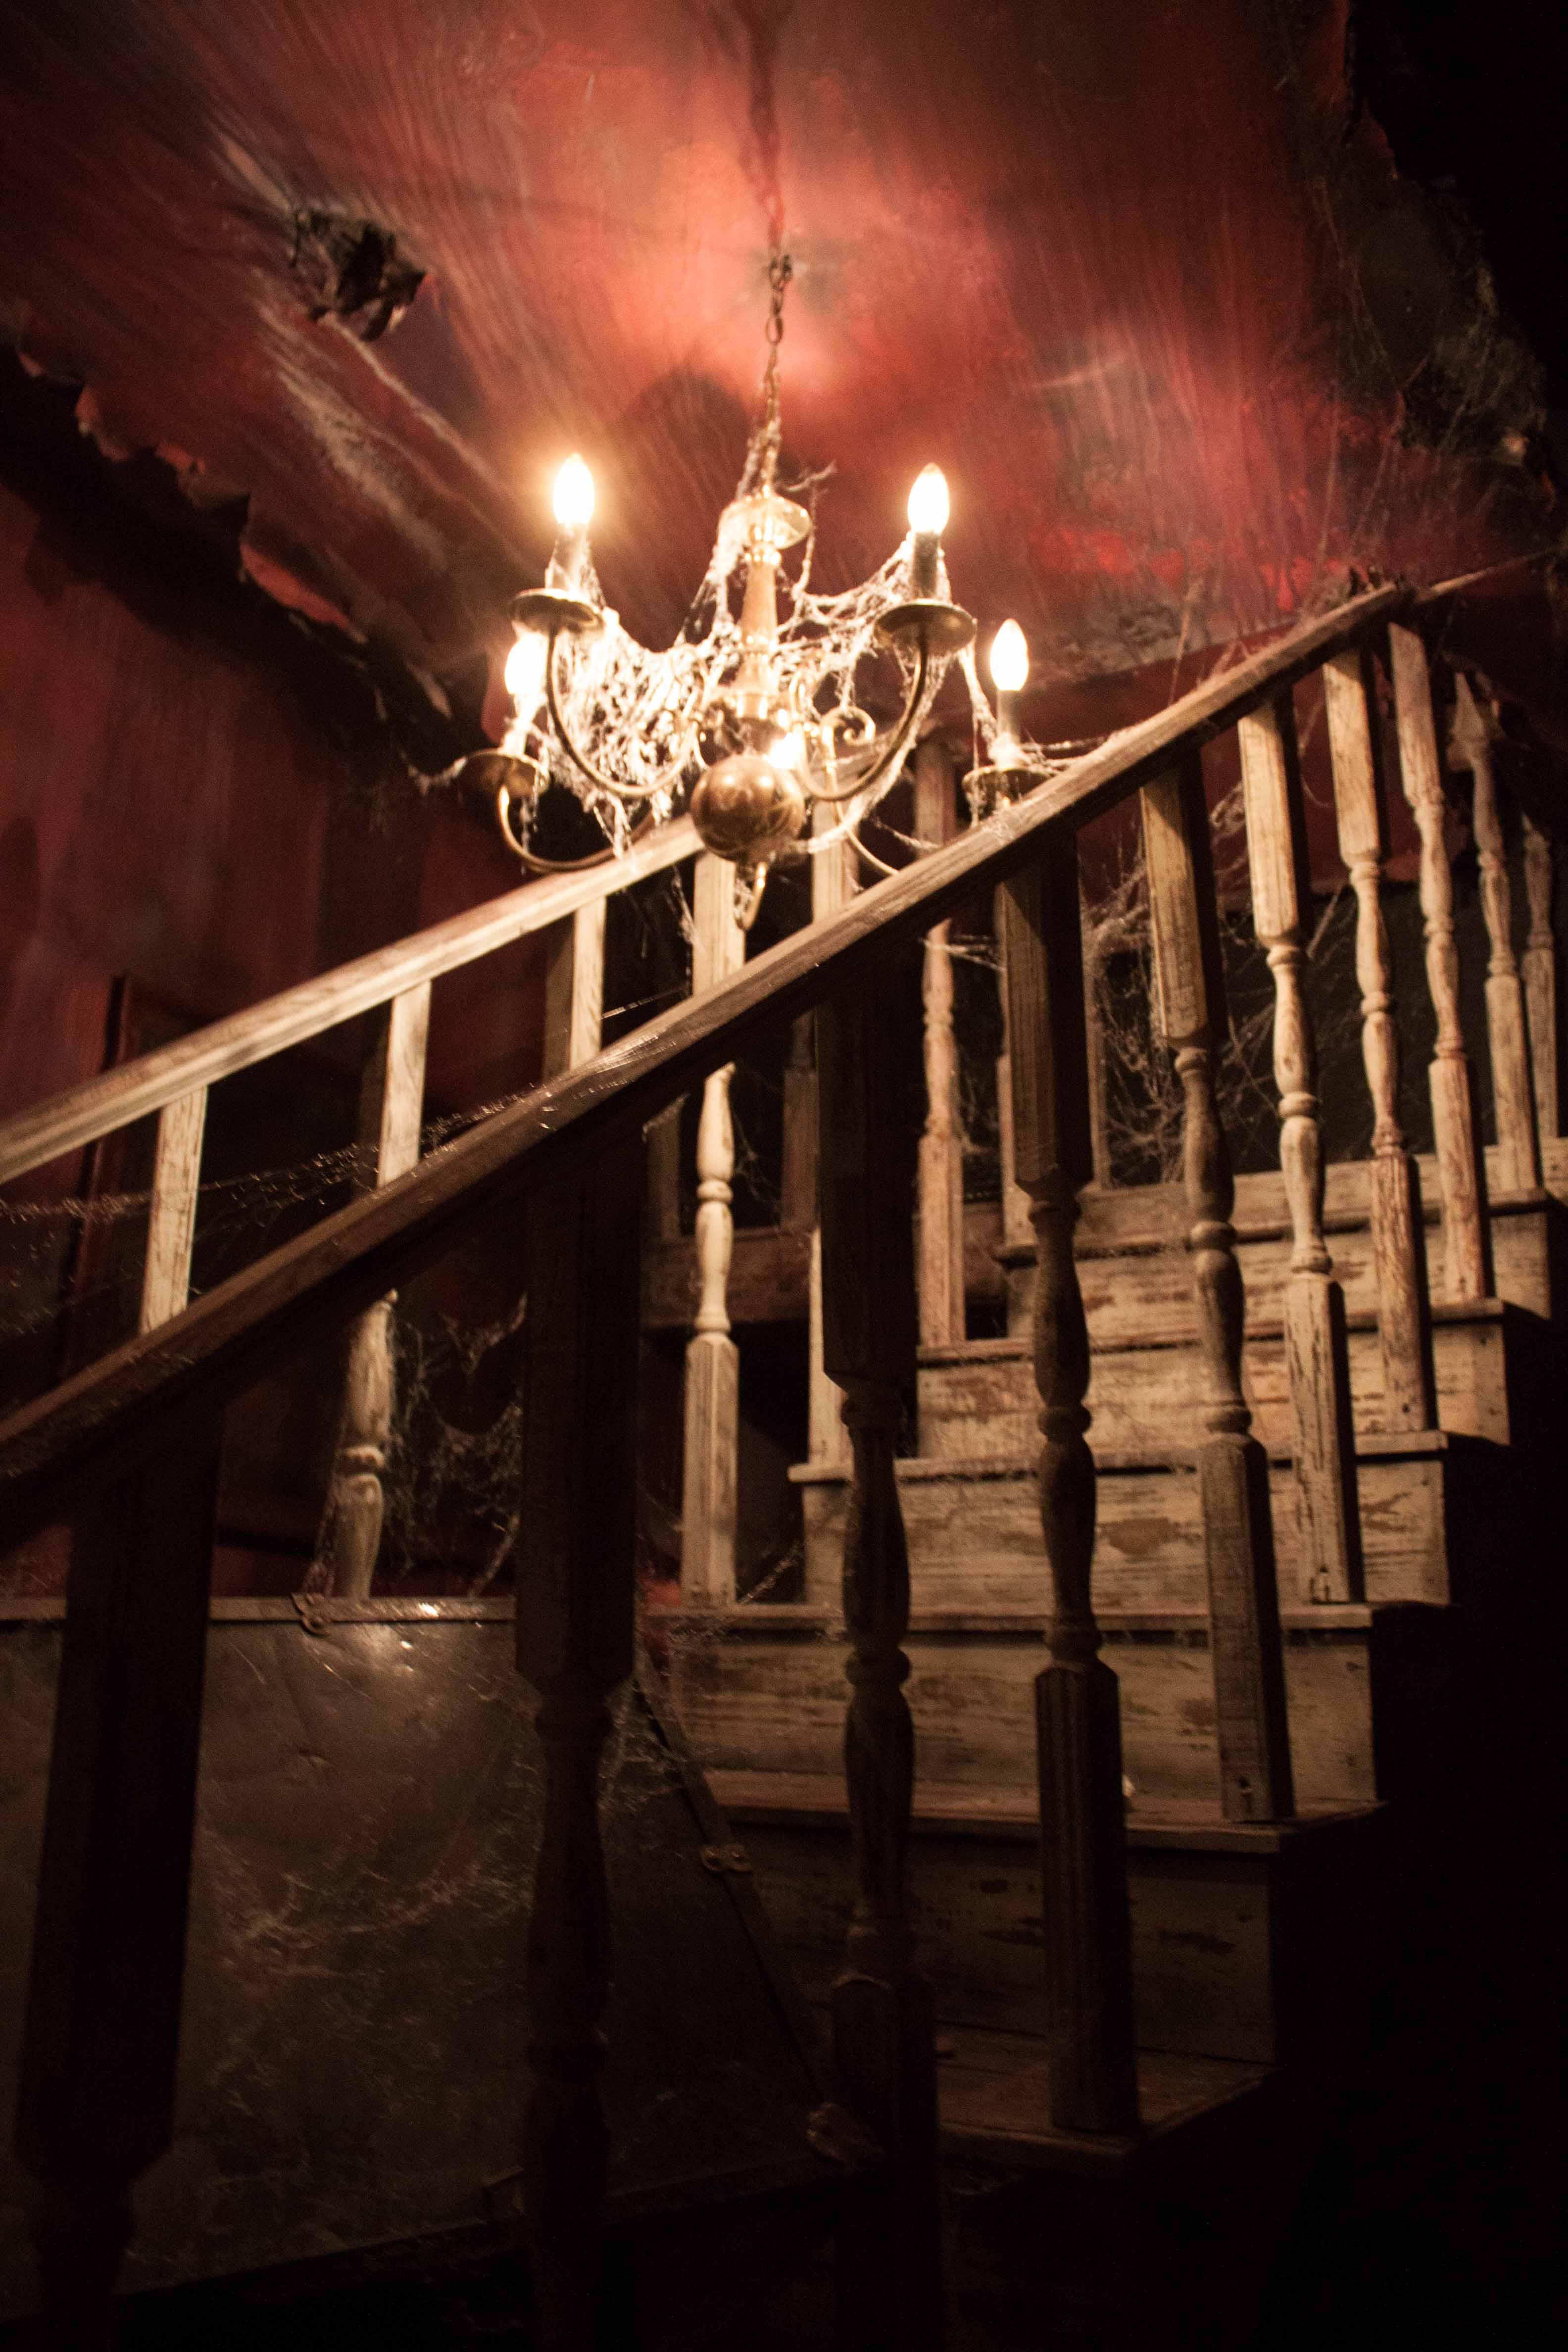 Hillbilly Haunted House Ideas House Interior